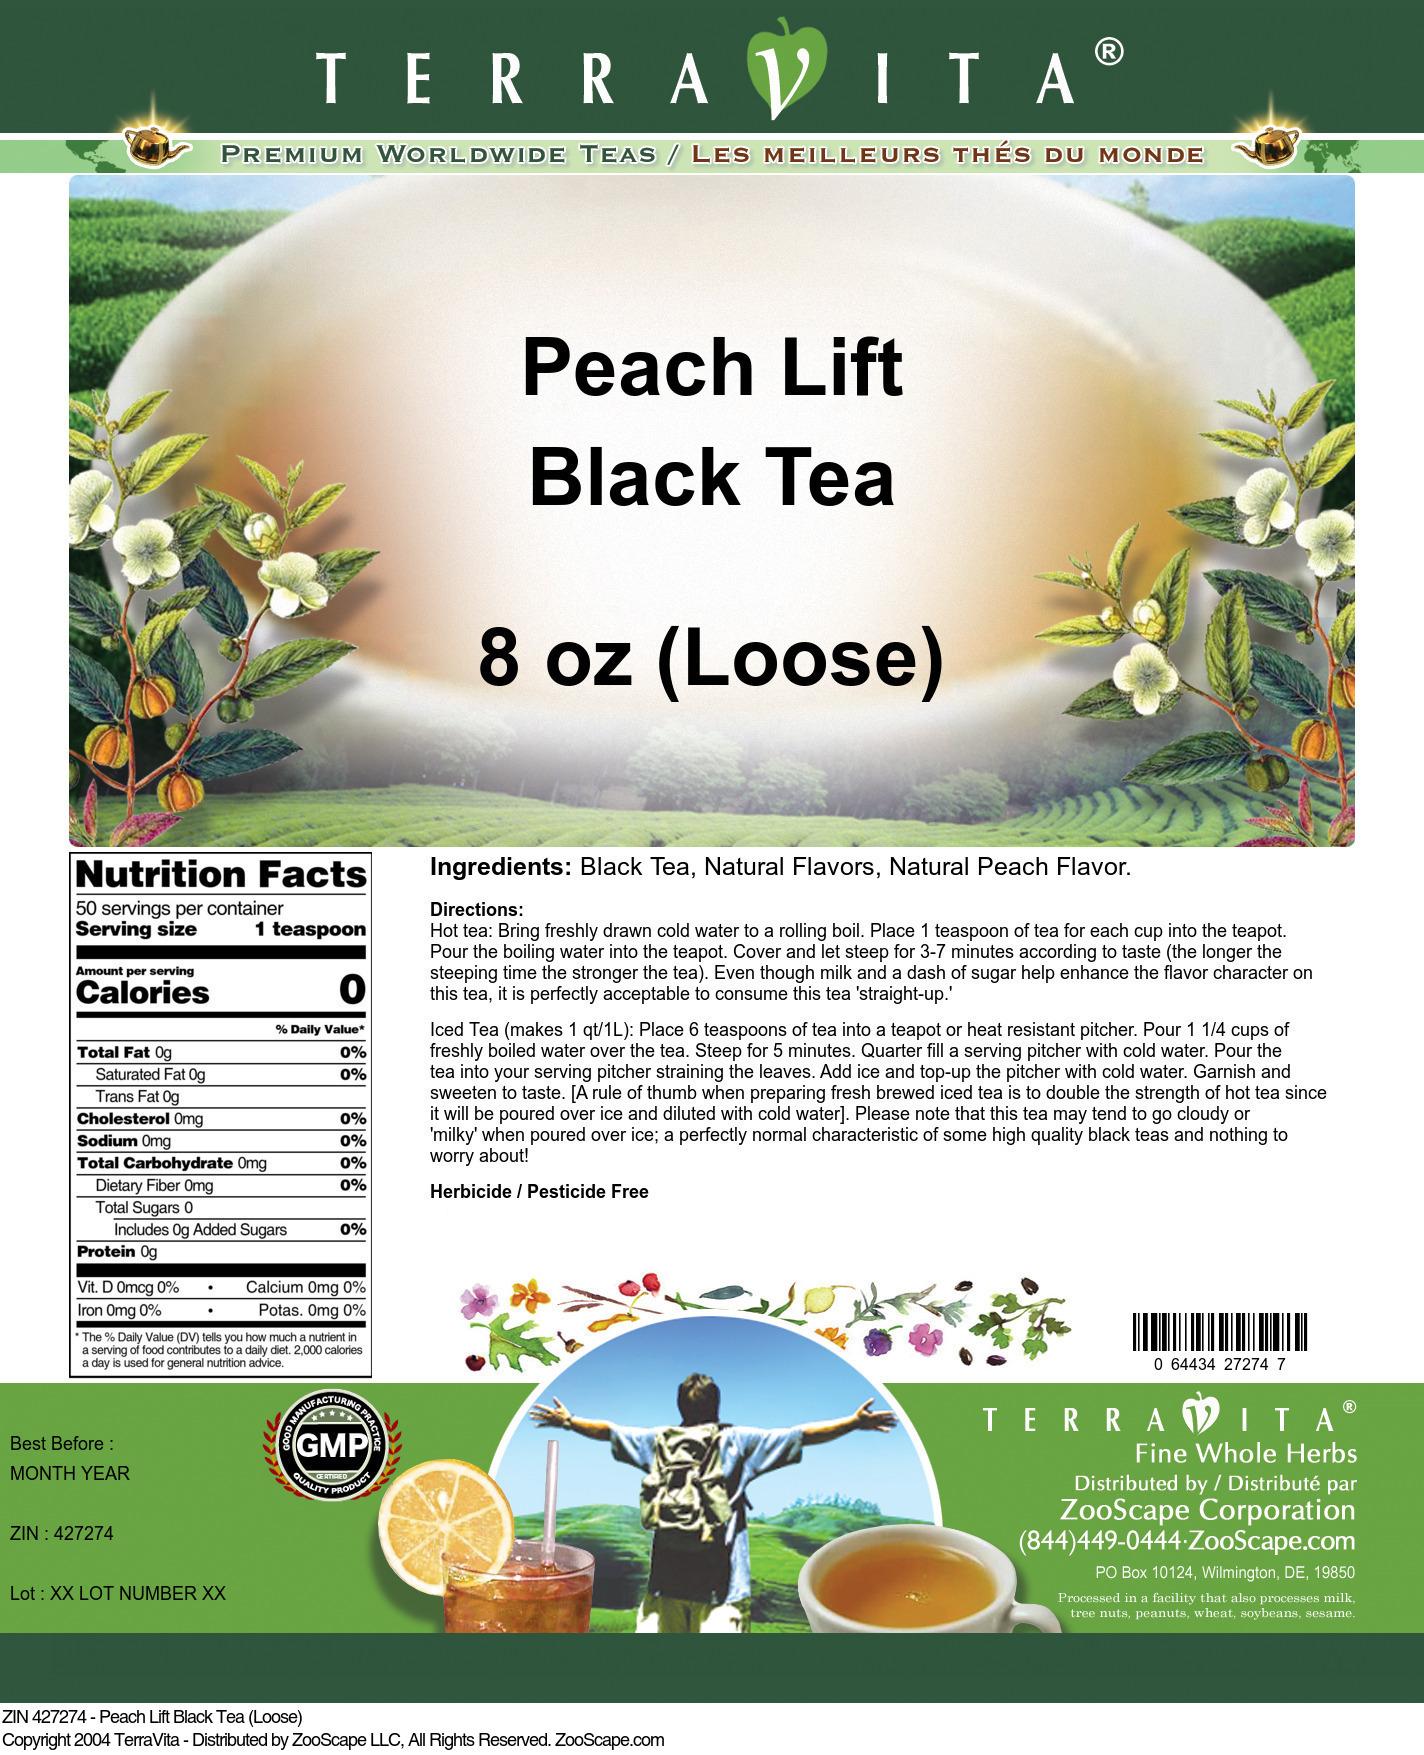 Peach Lift Black Tea (Loose)